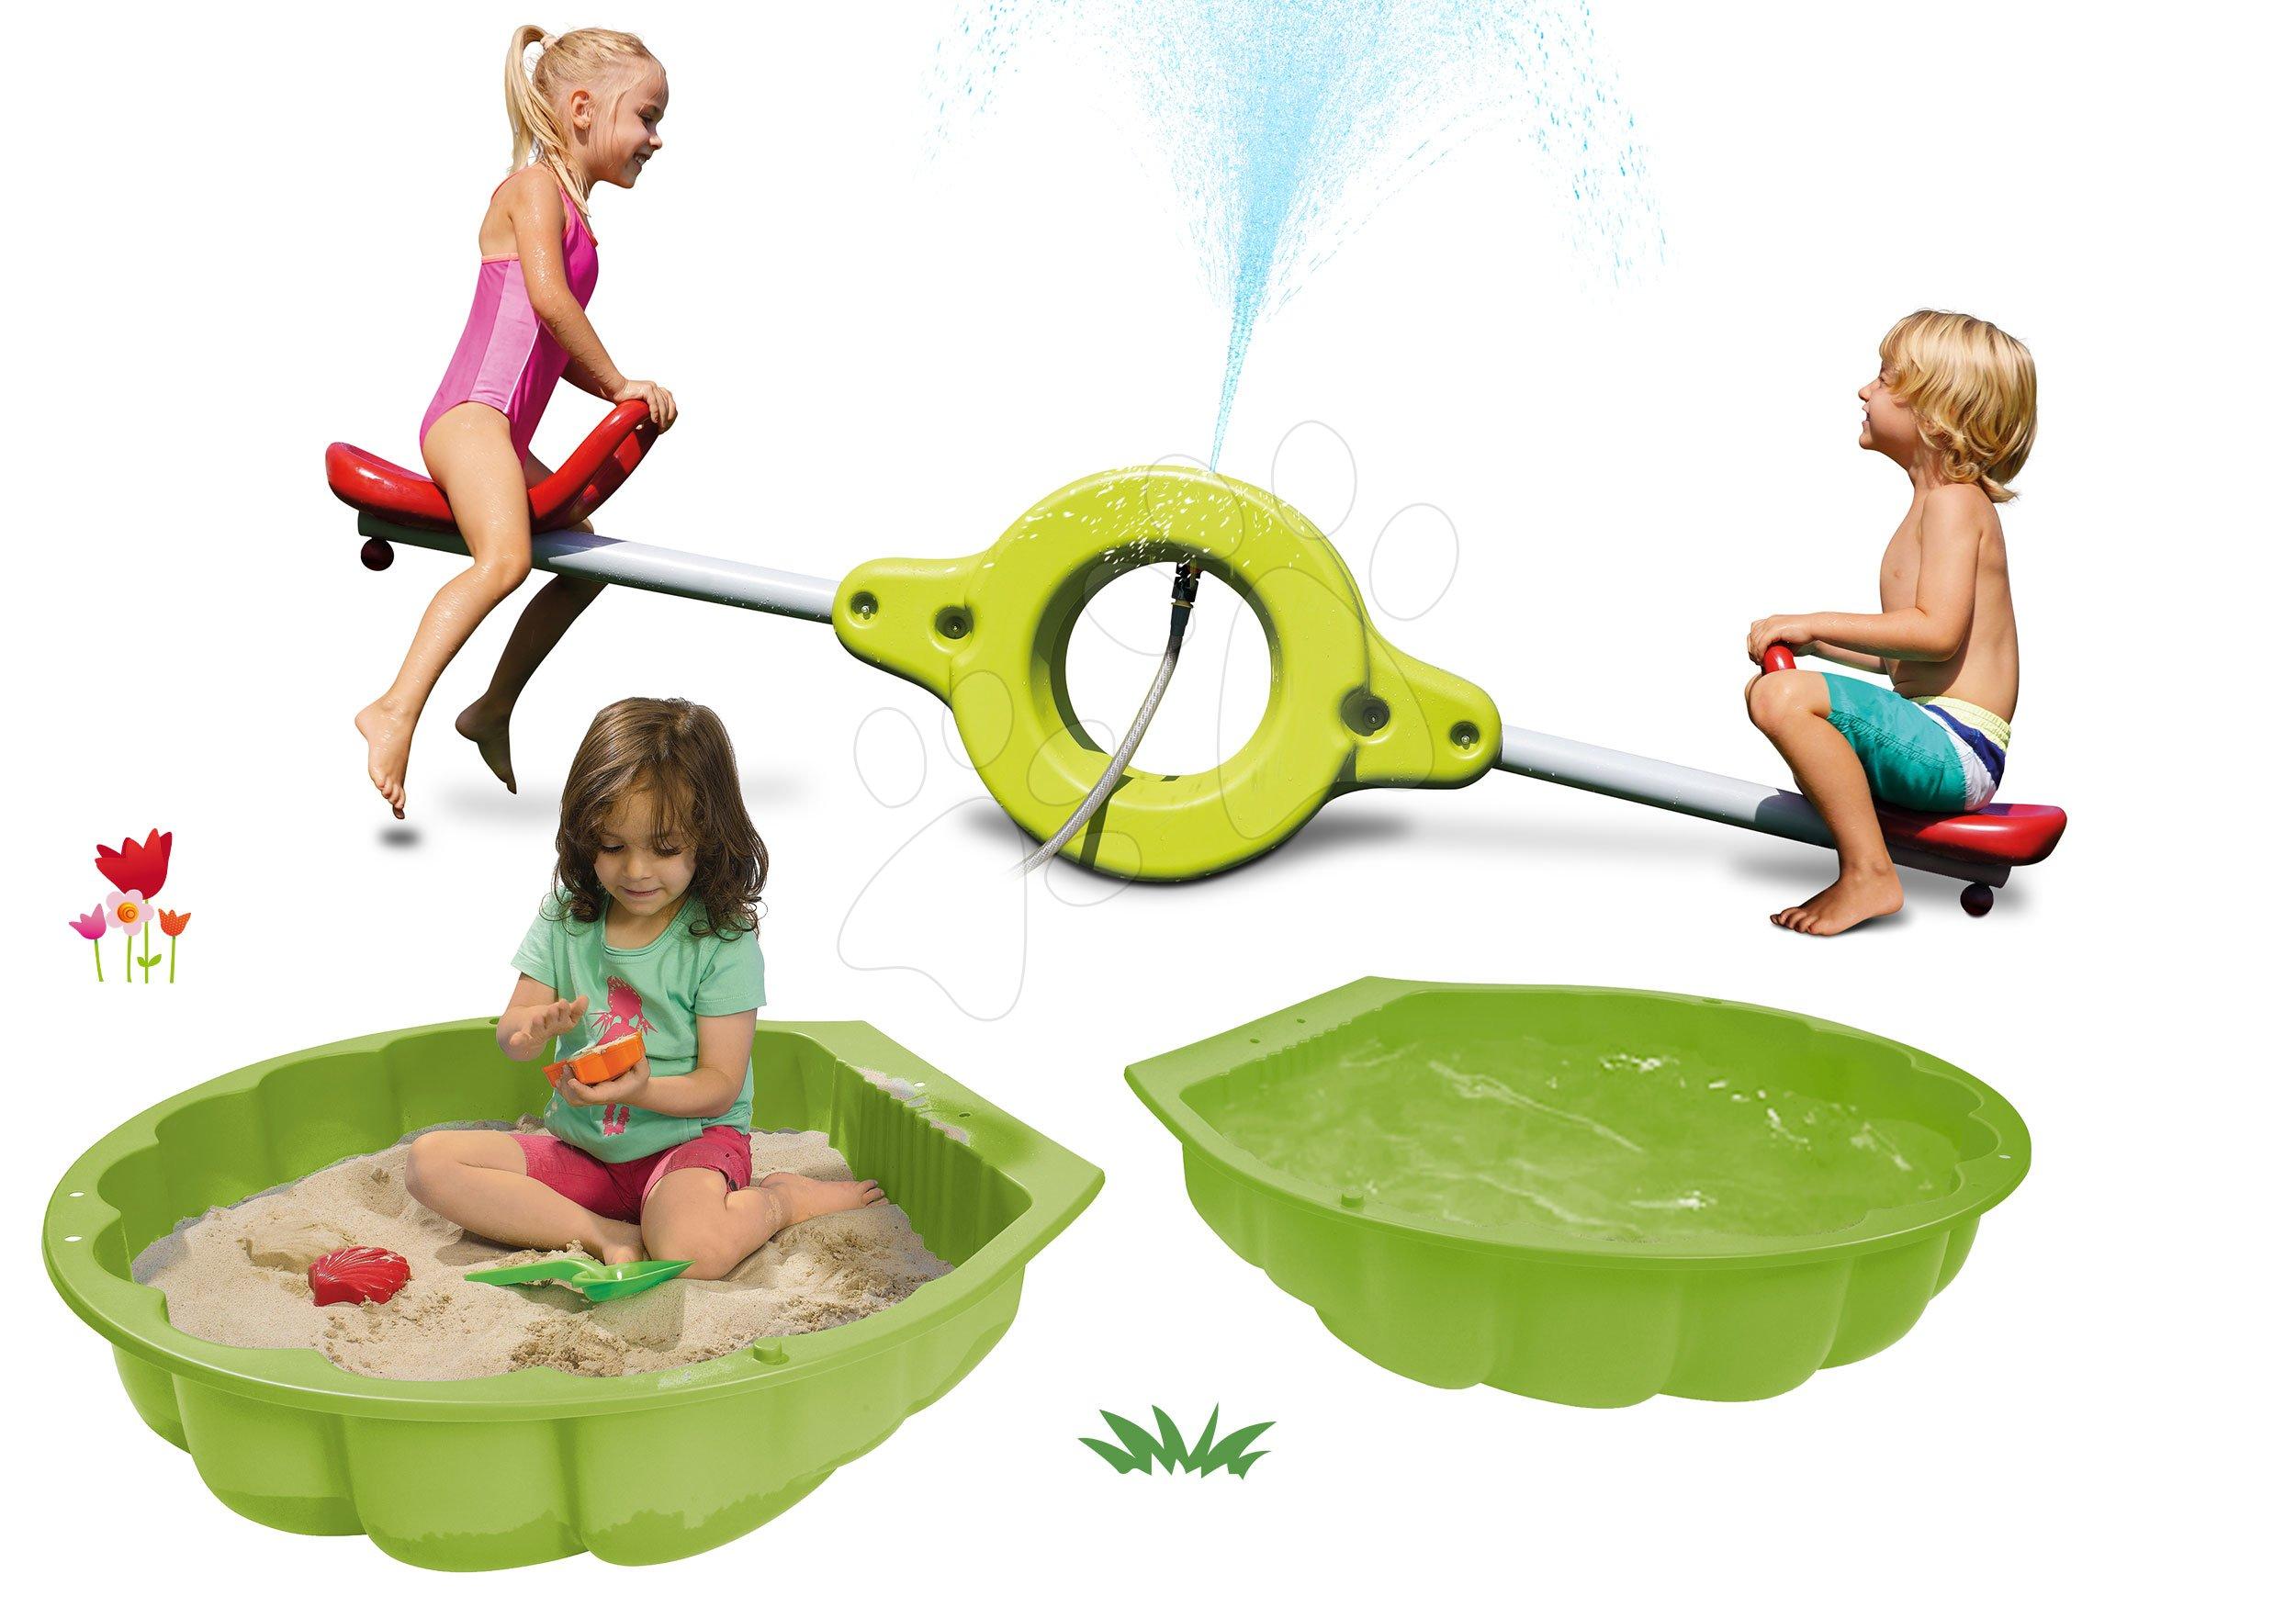 Set pieskovisko mušľa dvojdielne Watershell Green BIG zelené a obojstranná hojdačka 360° stupňová s vodotryskom